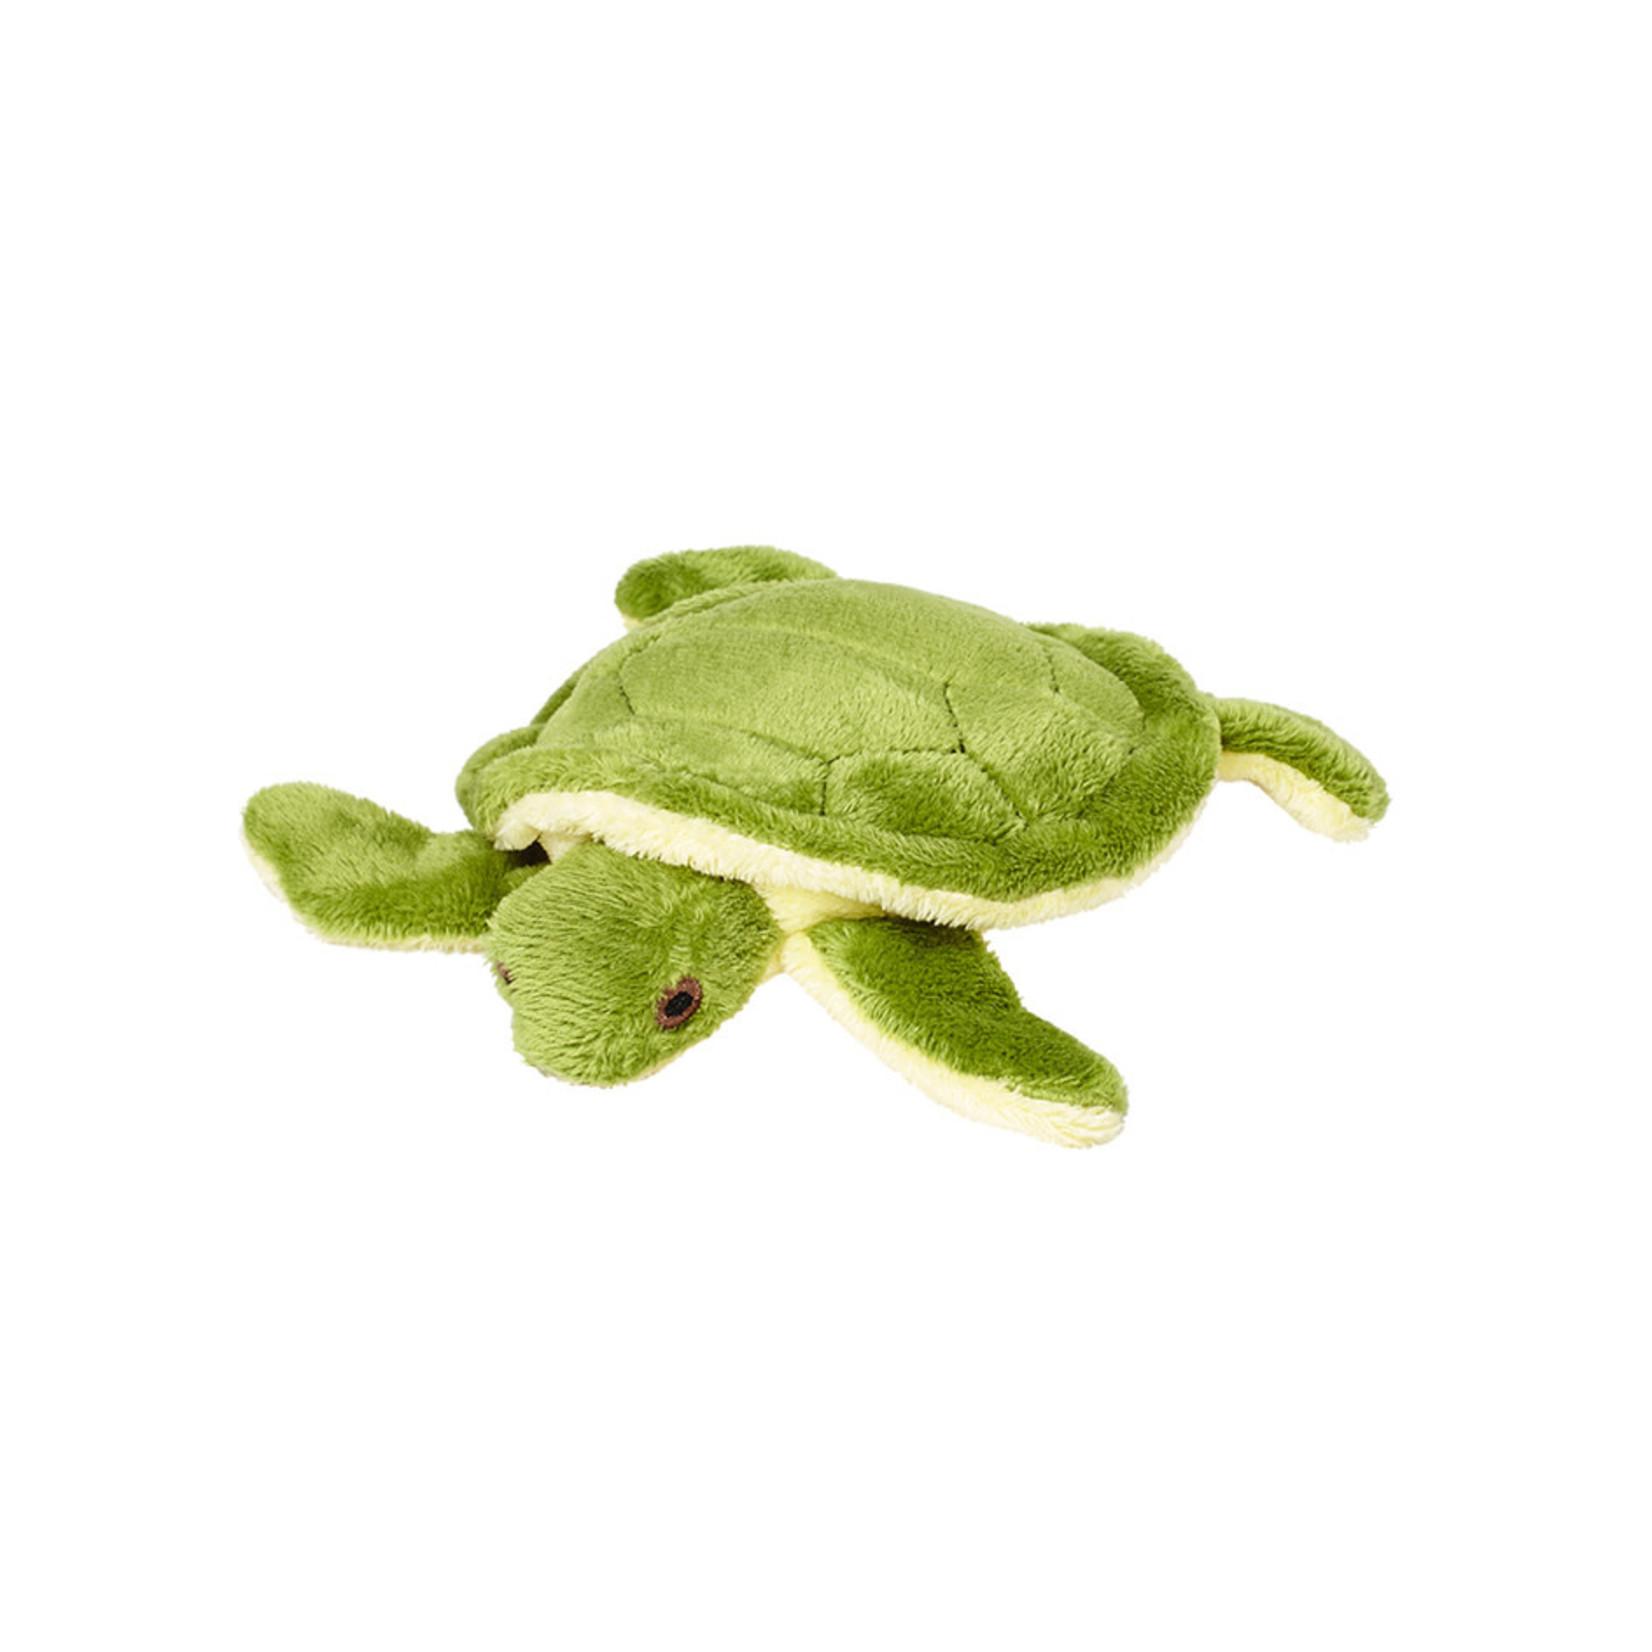 Fluff & Tuff Fluff & Tuff Shelly Turtle Dog Toy Extra Small